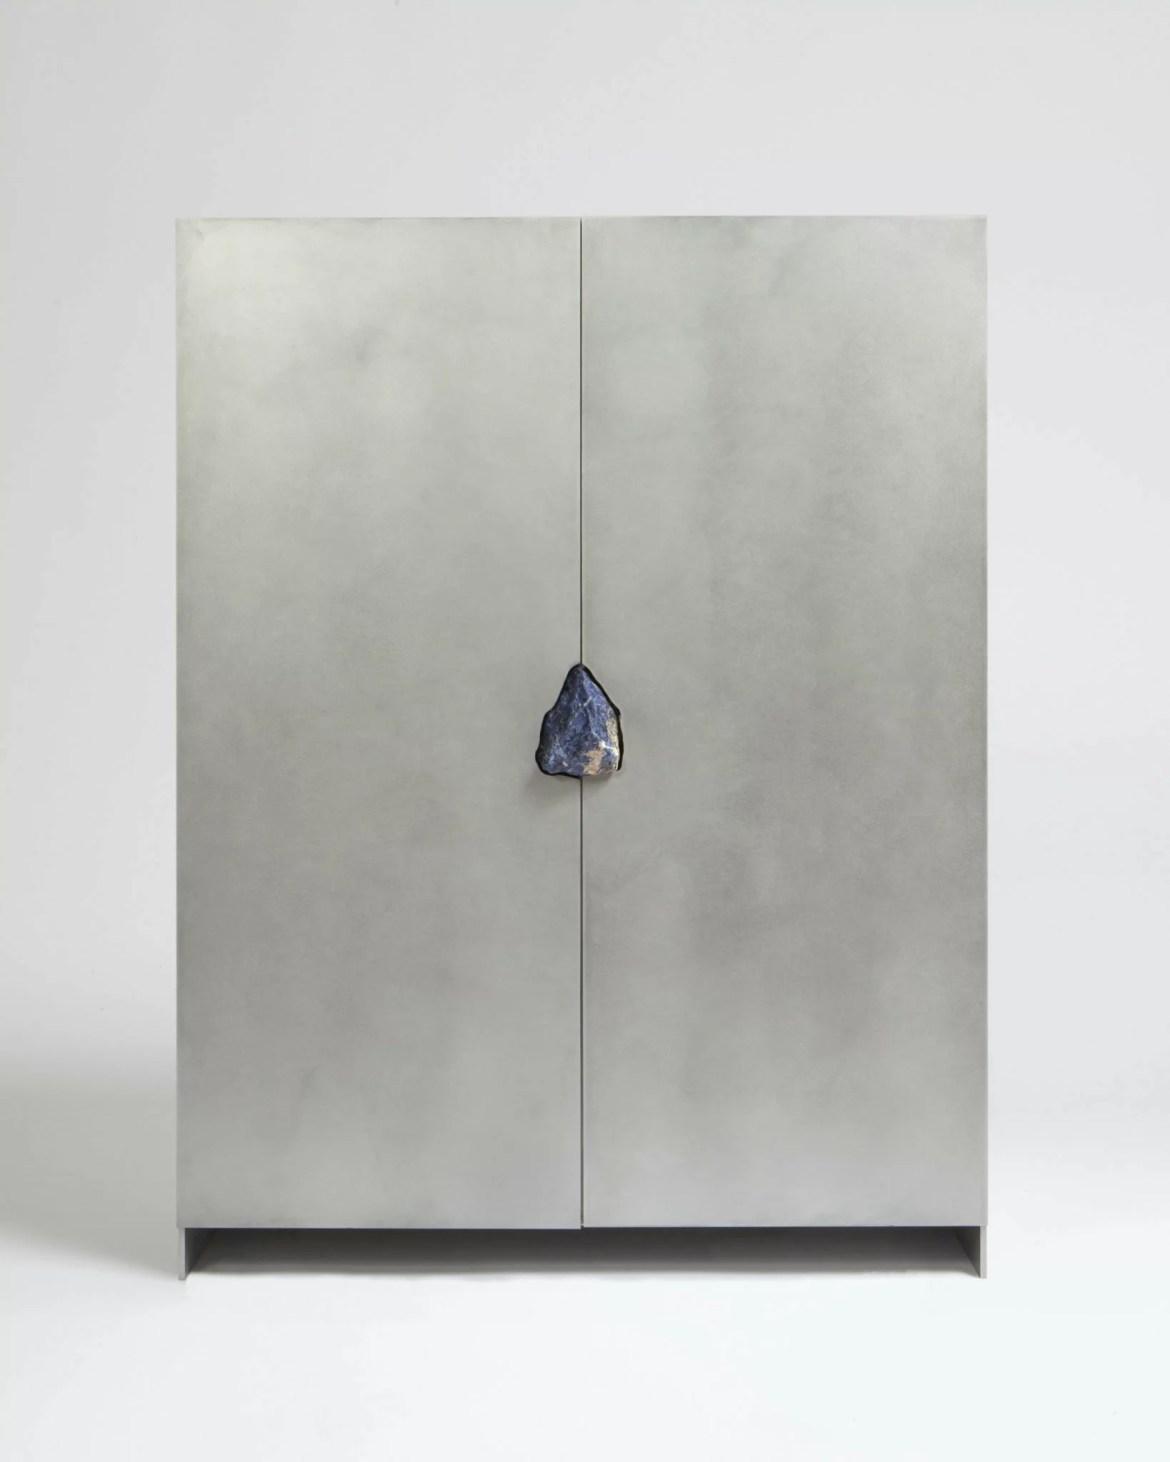 Maison et Objet 2020, Pierre de Valck, Cabinet with stone, Belgium Design booth